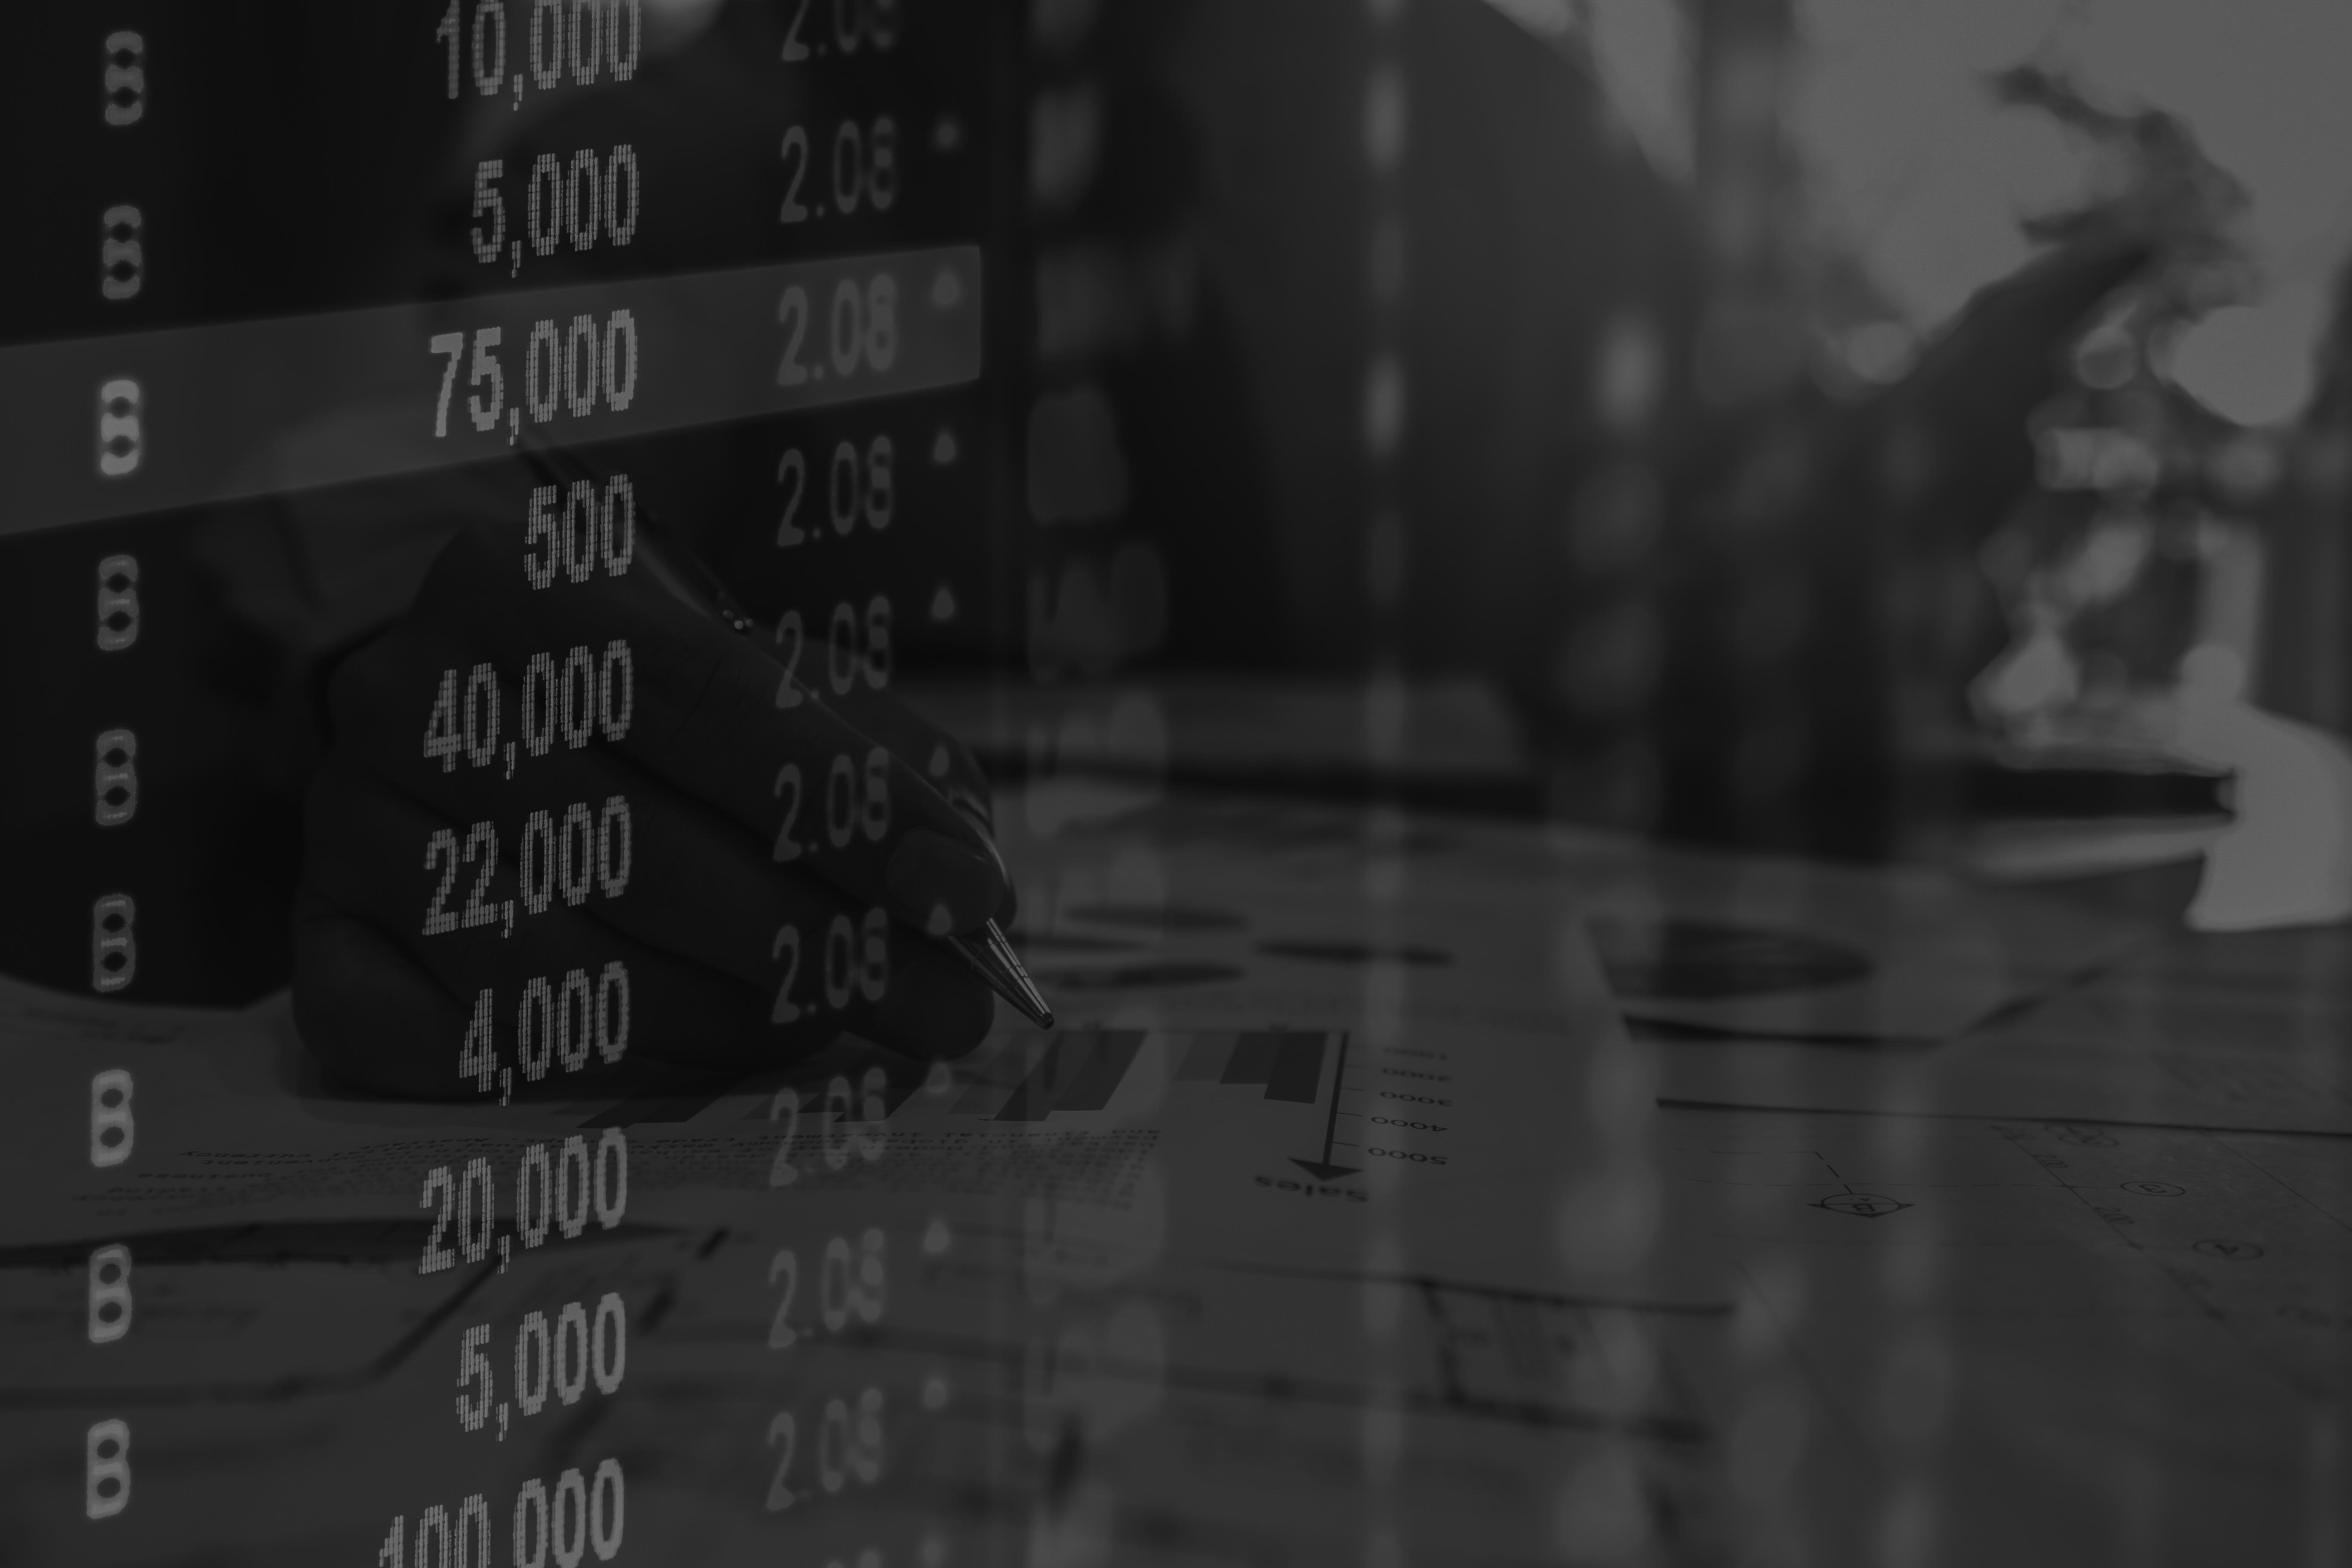 TGS Baltic atstovavo Europos Investicijų banką, pasirašant sutartį su Šiaulių banku dėl 200 mln. EUR renovacijos fondo steigimo ir valdymo